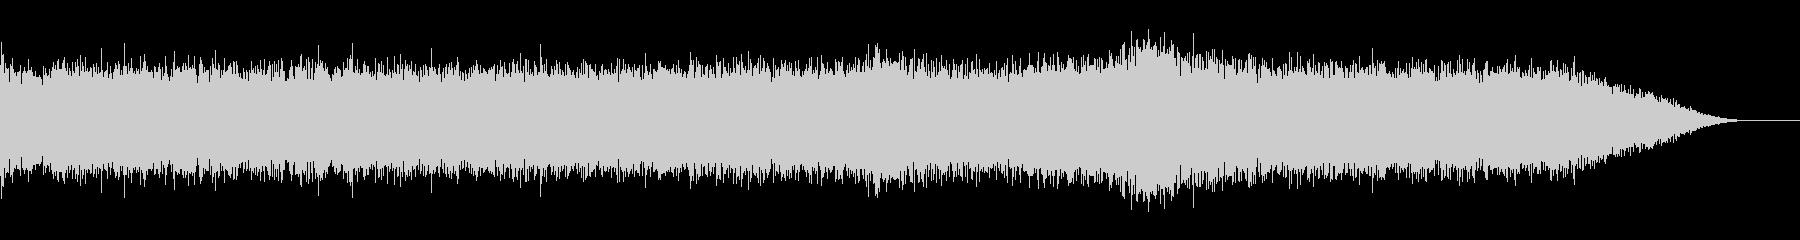 工事音(クレーン車の音)の未再生の波形